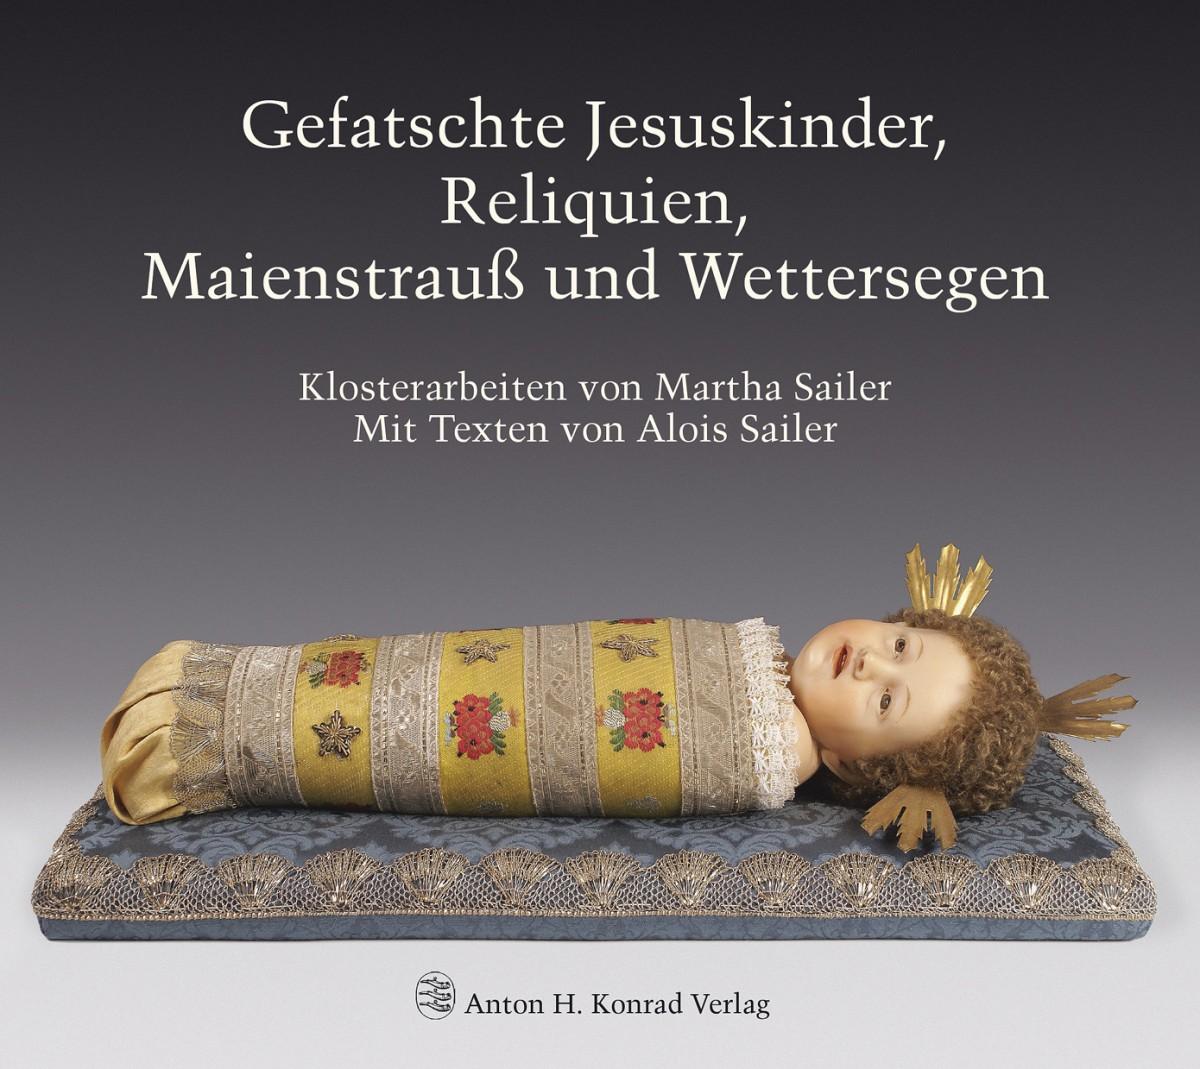 Sailer Alois - Gefatschte Jesuskinder, Reliquien, Maienstrauß und Wettersegen